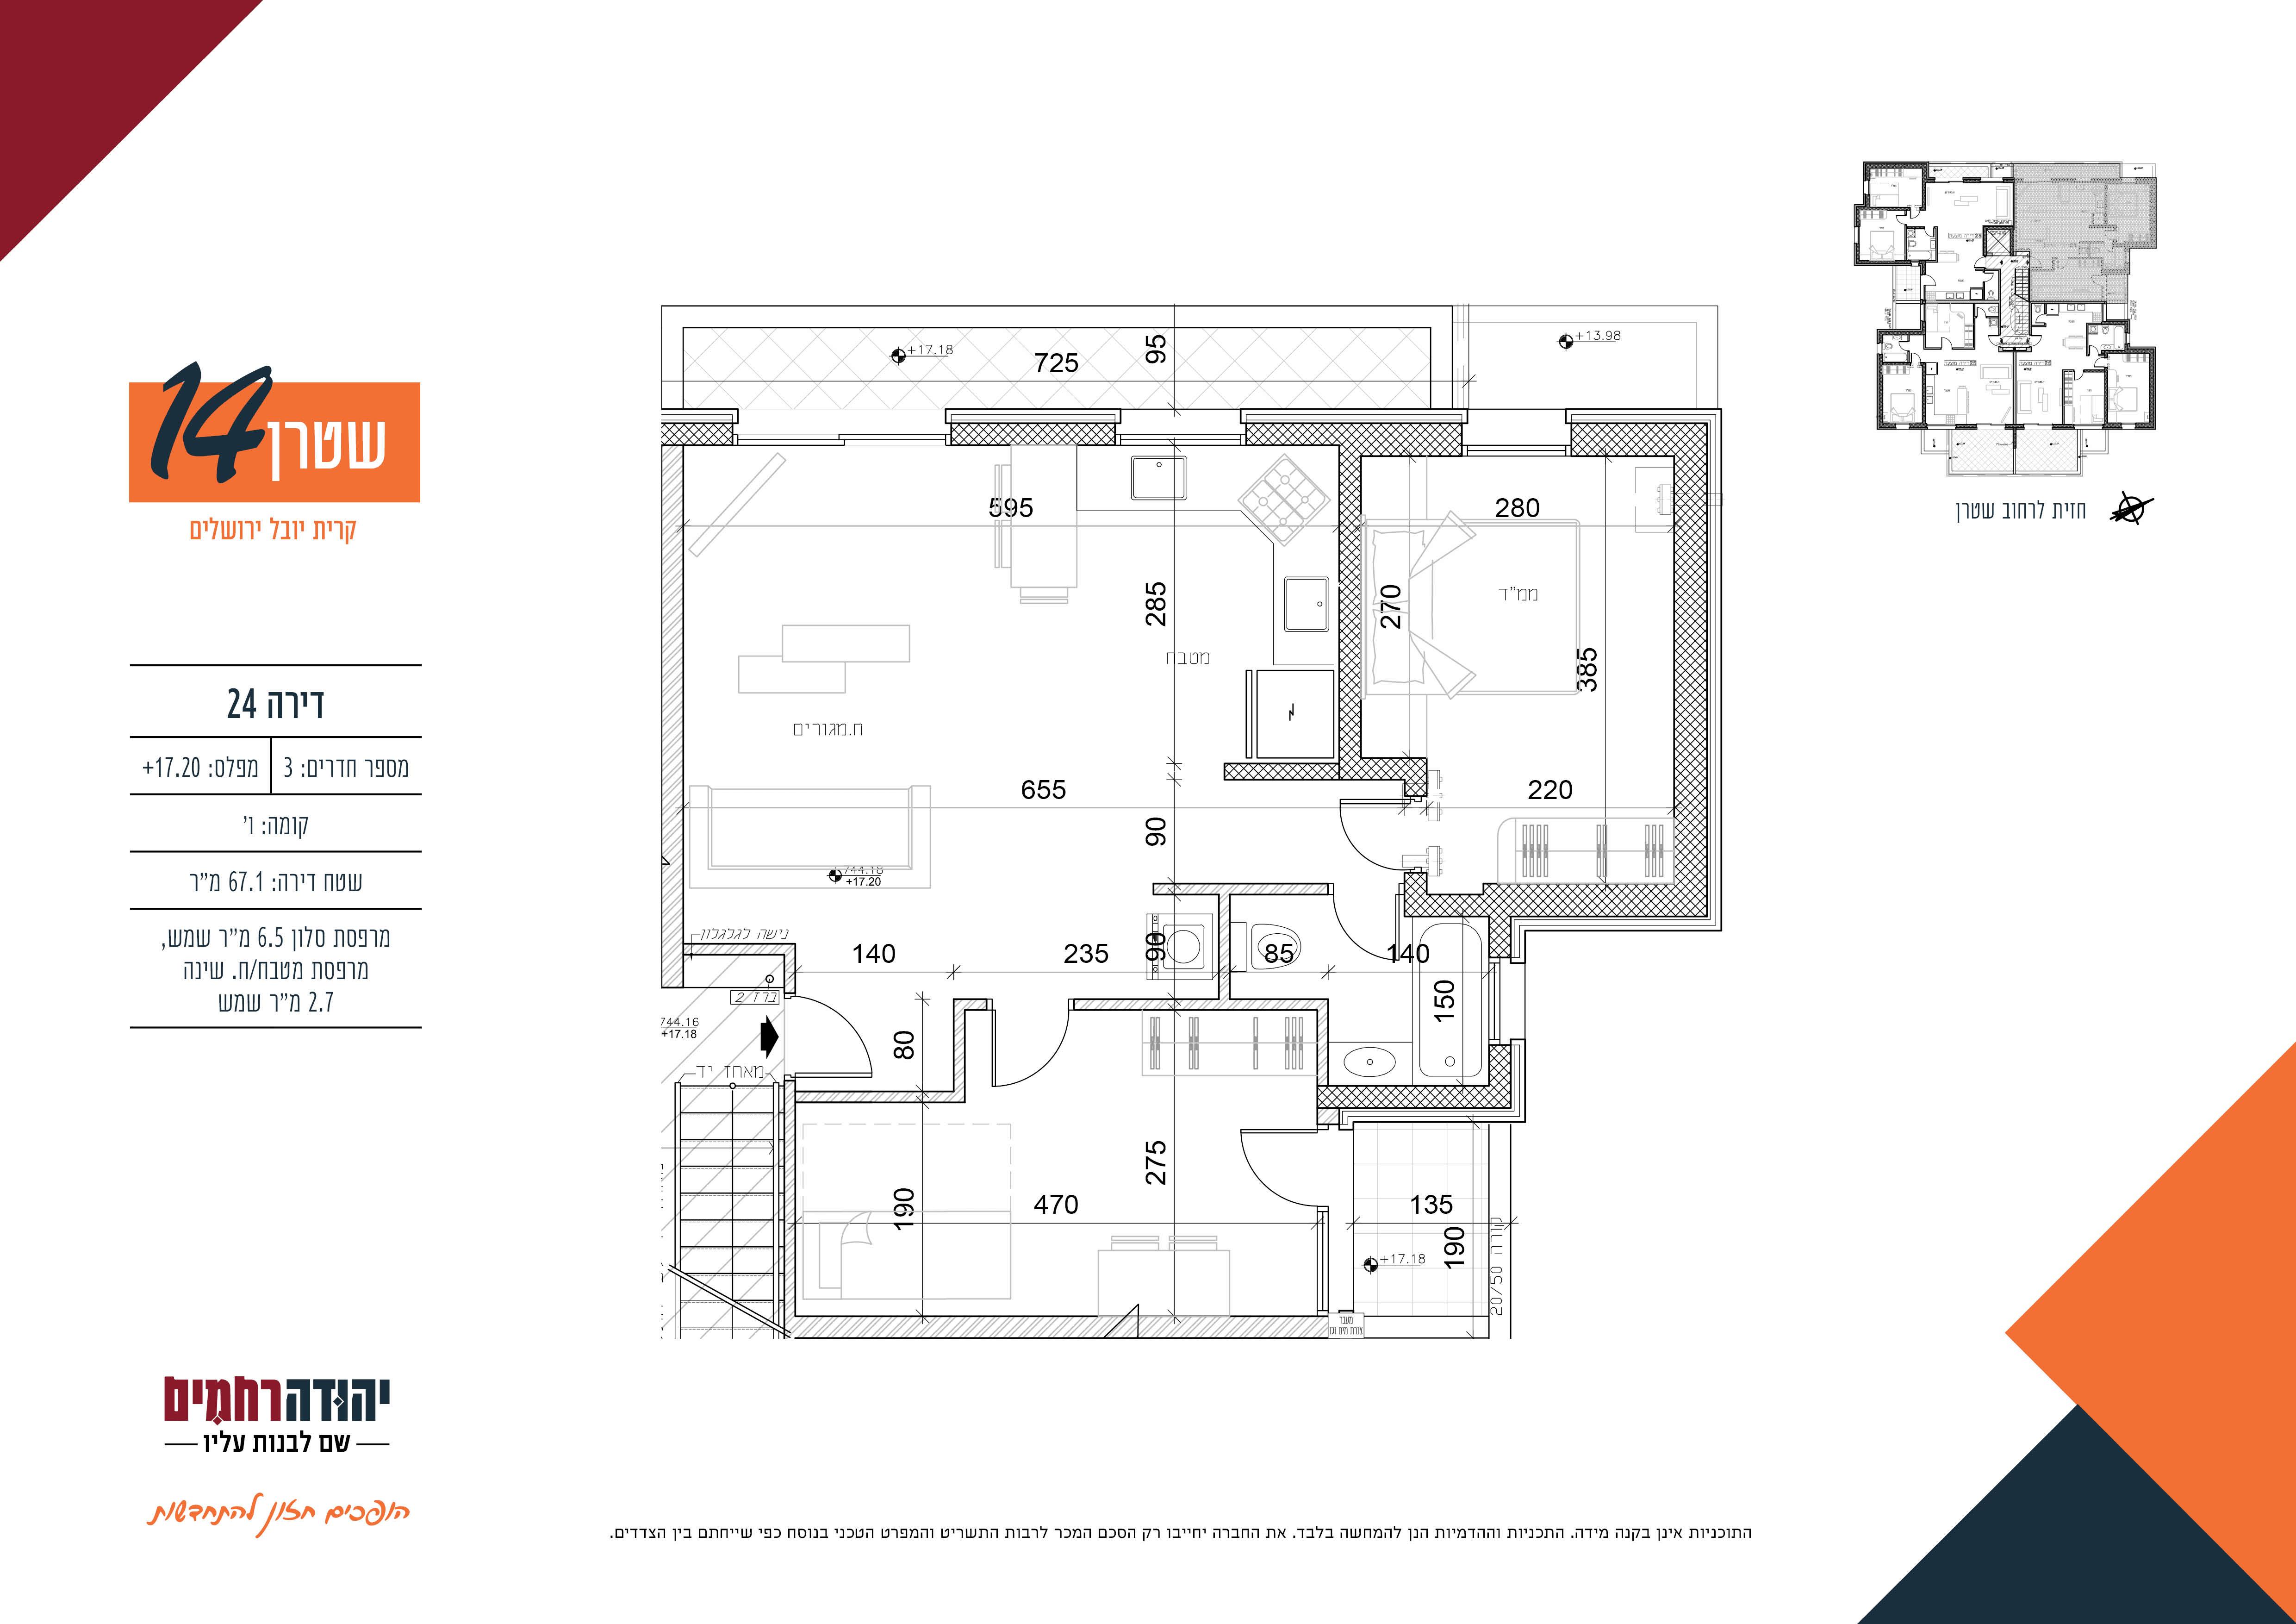 דירה-24 שטרן 14